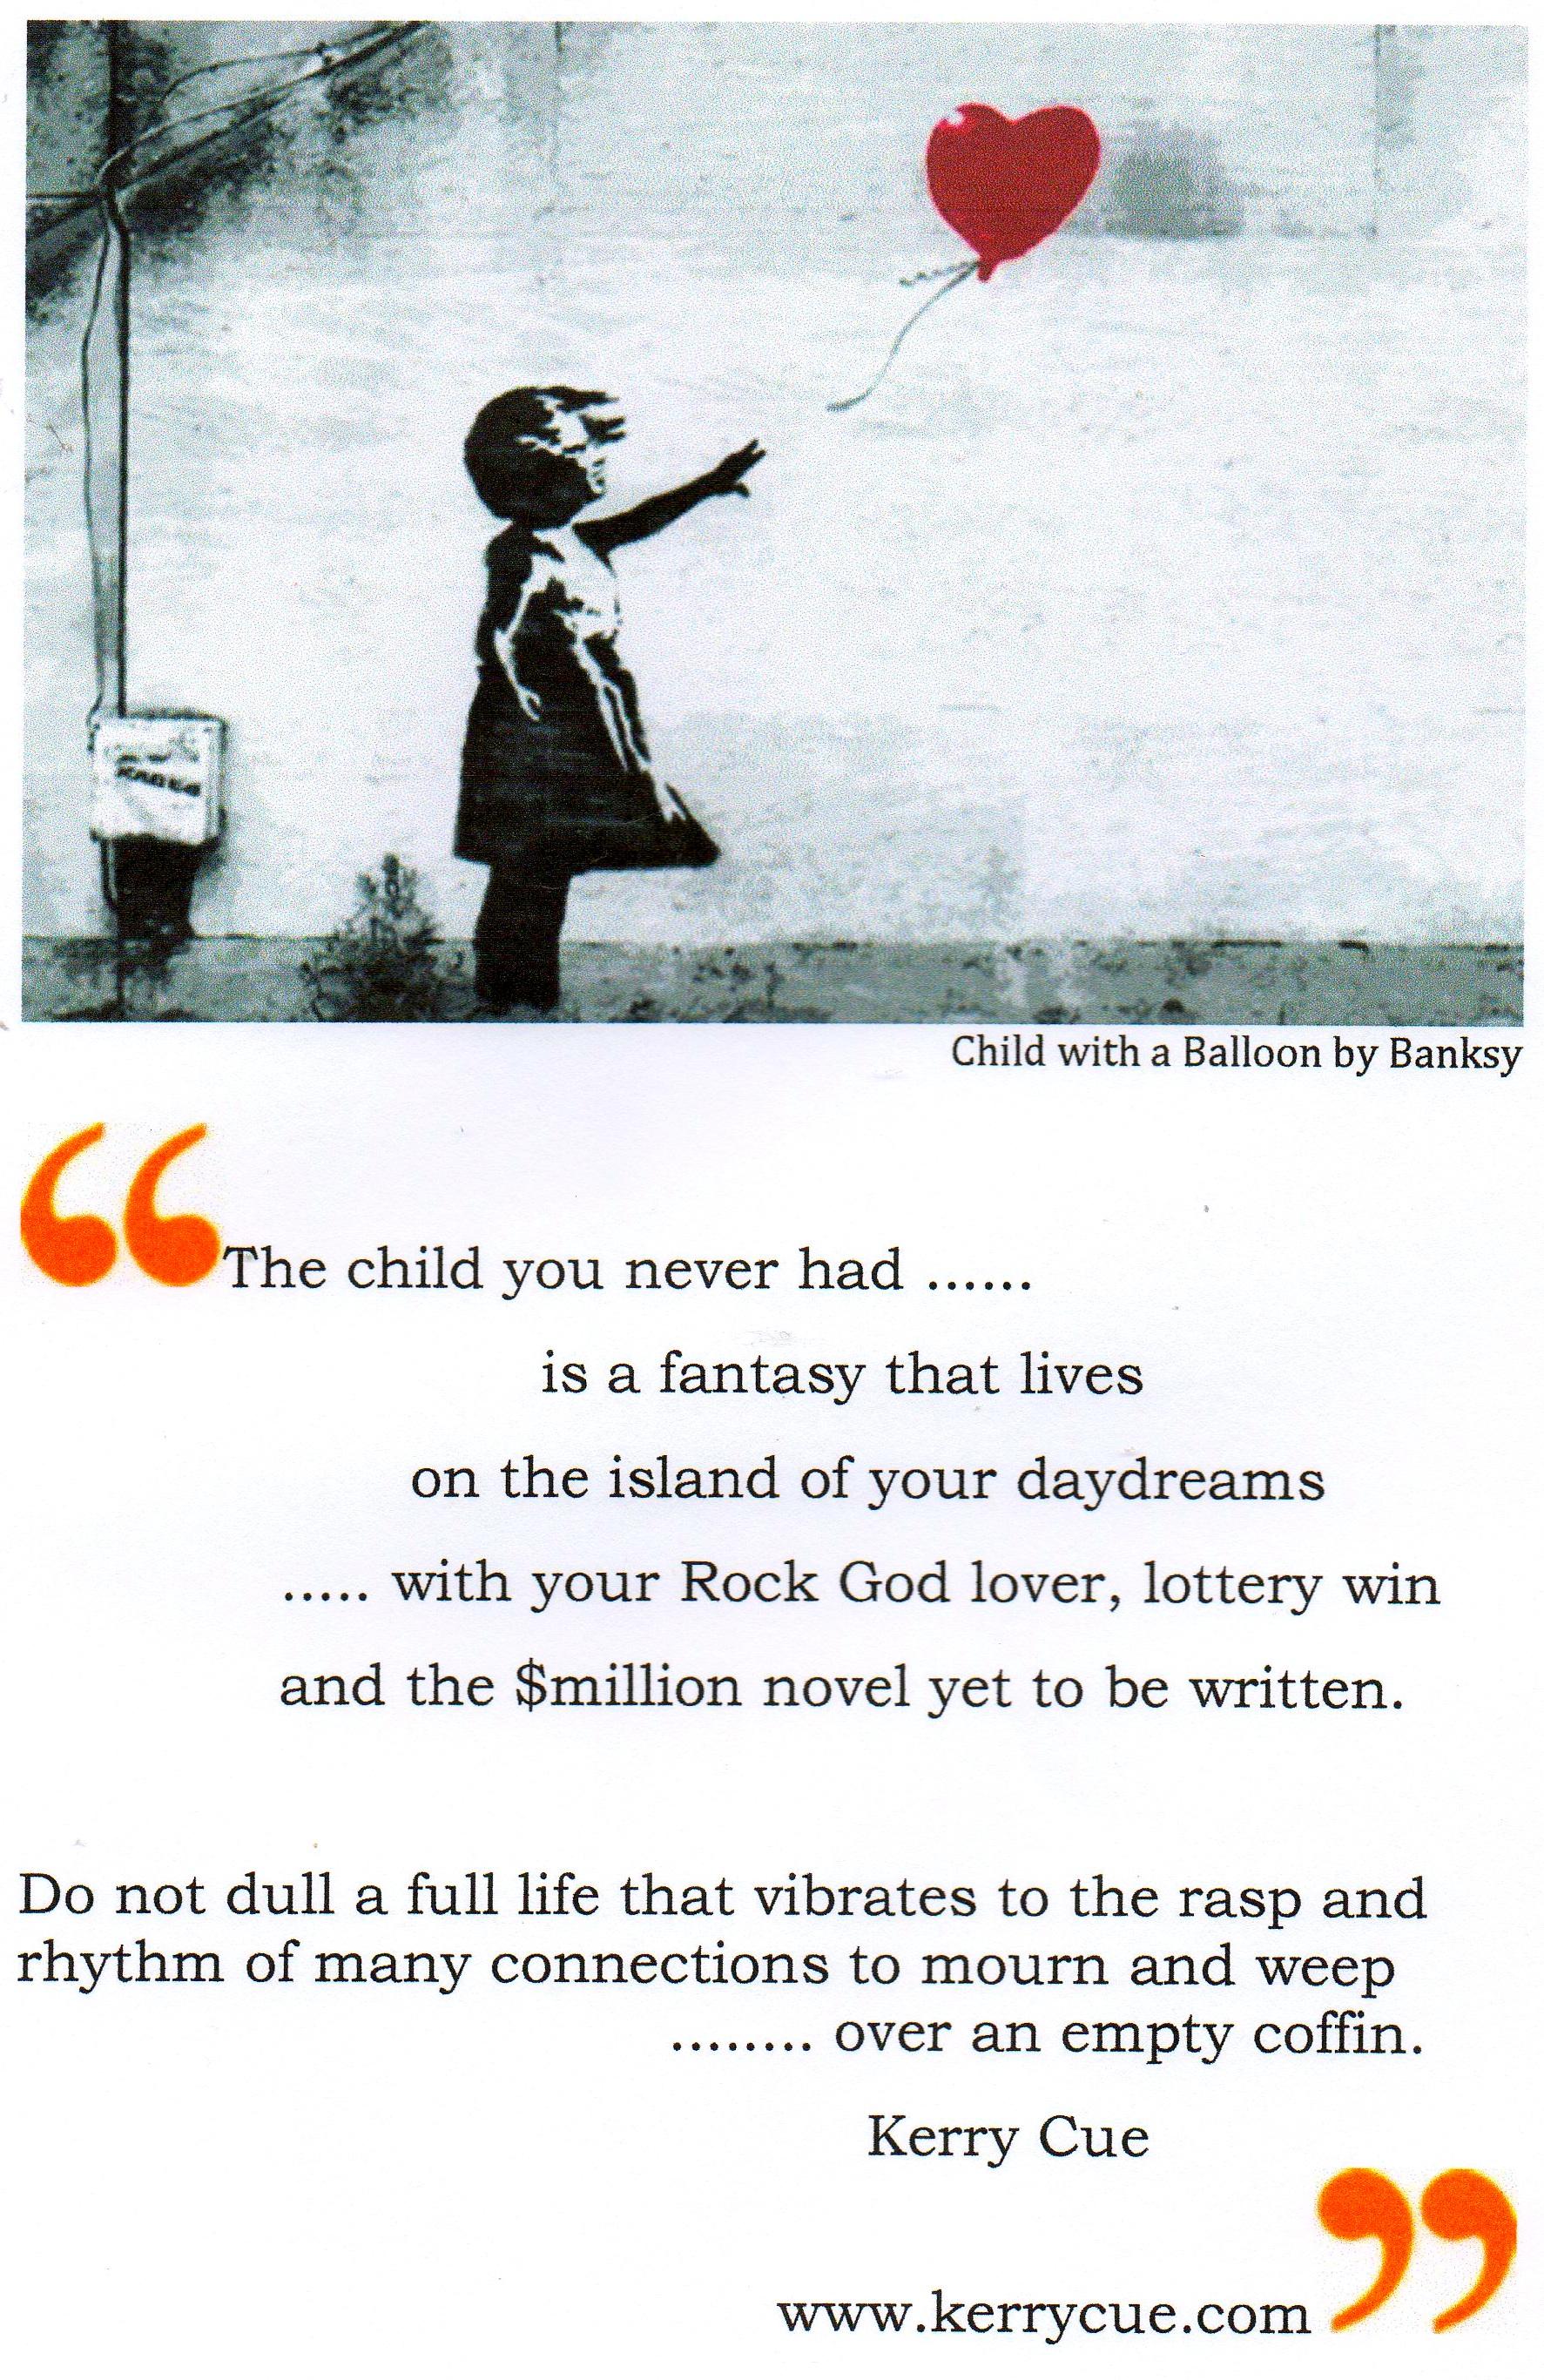 Inspiring Quotes Kerrycue